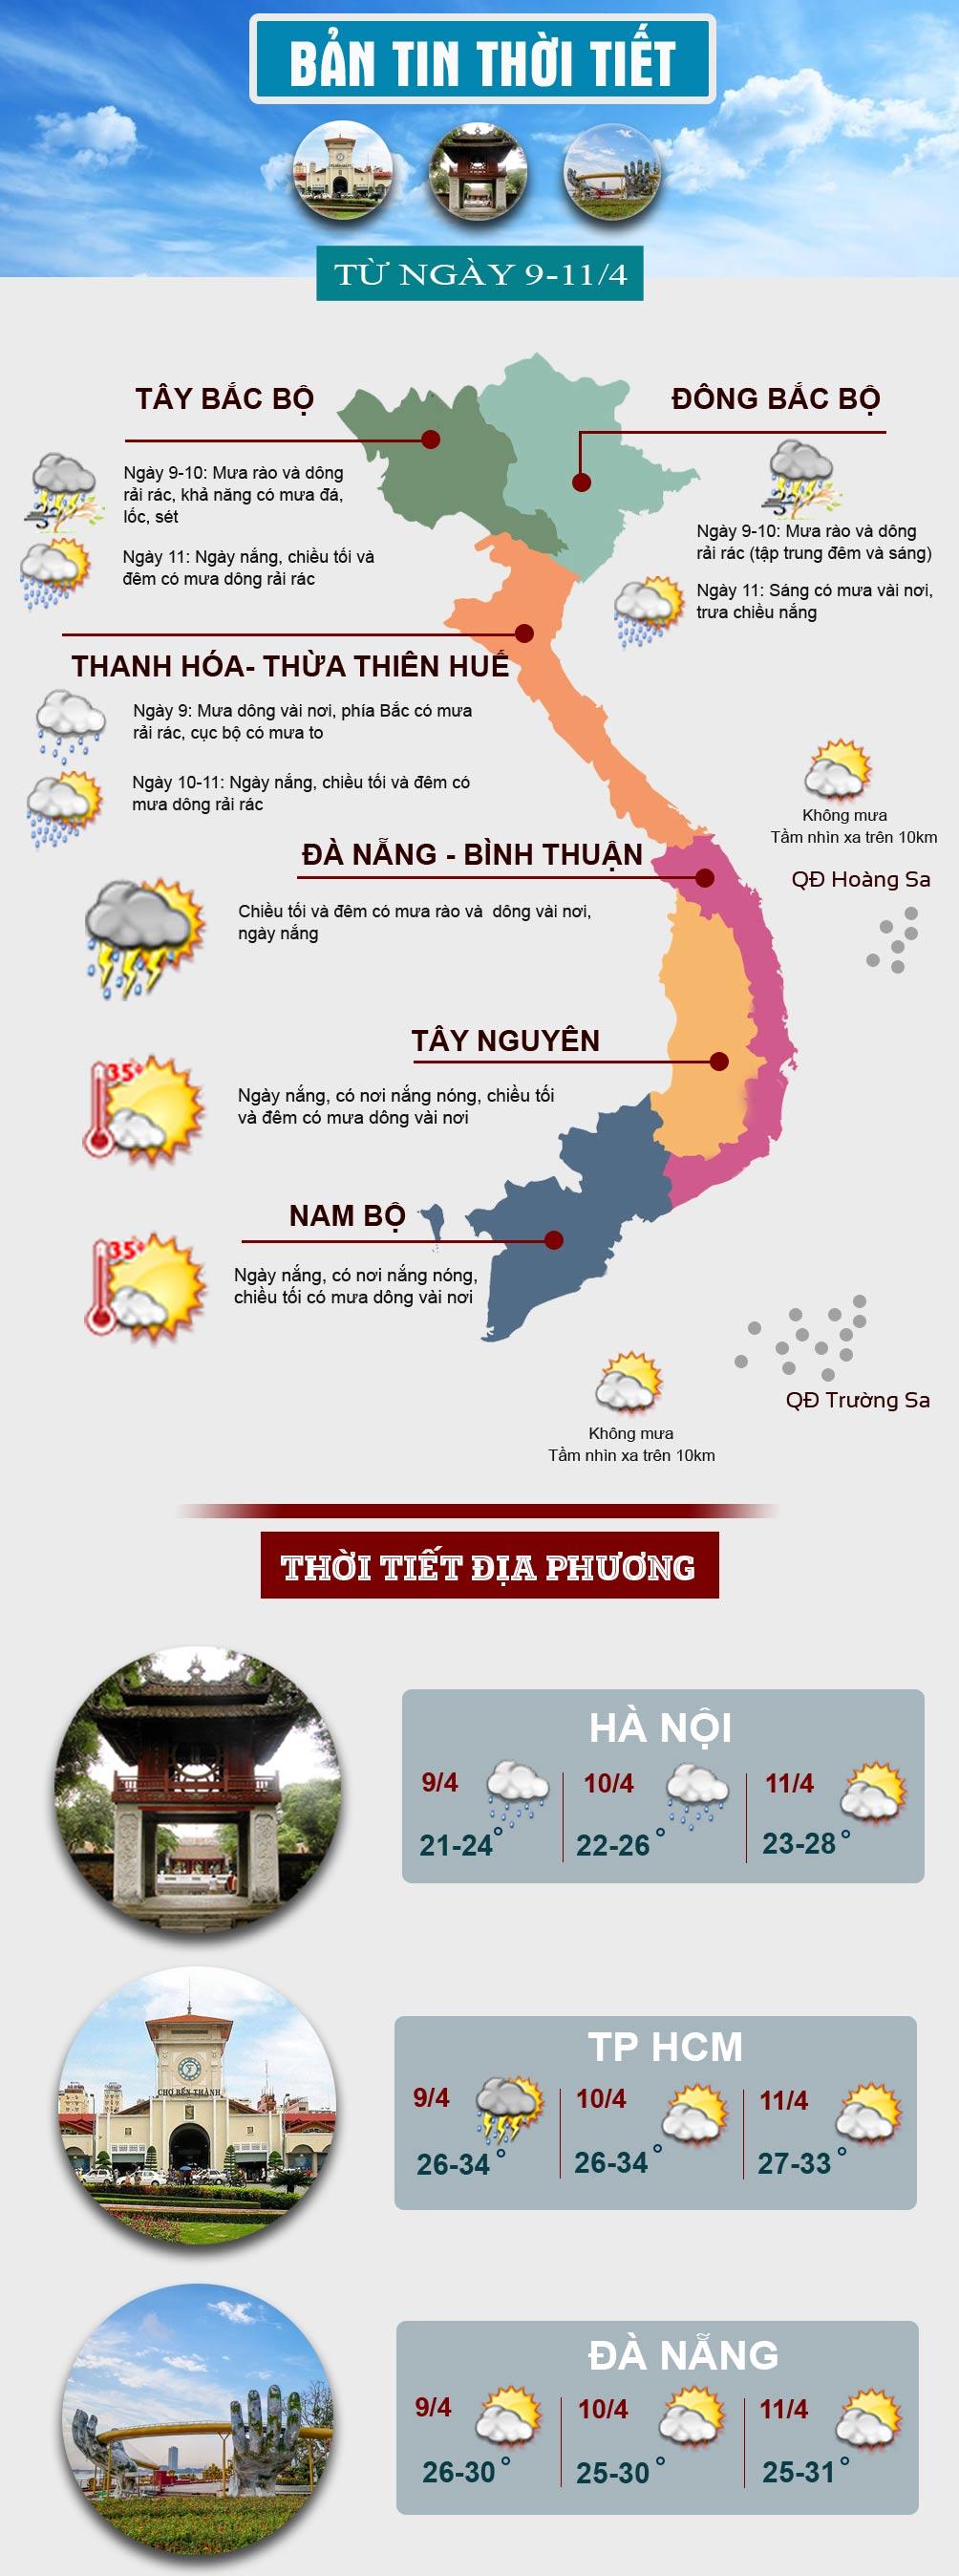 Miền Bắc đón không khí lạnh, miền Nam có nơi nắng nóng - 1